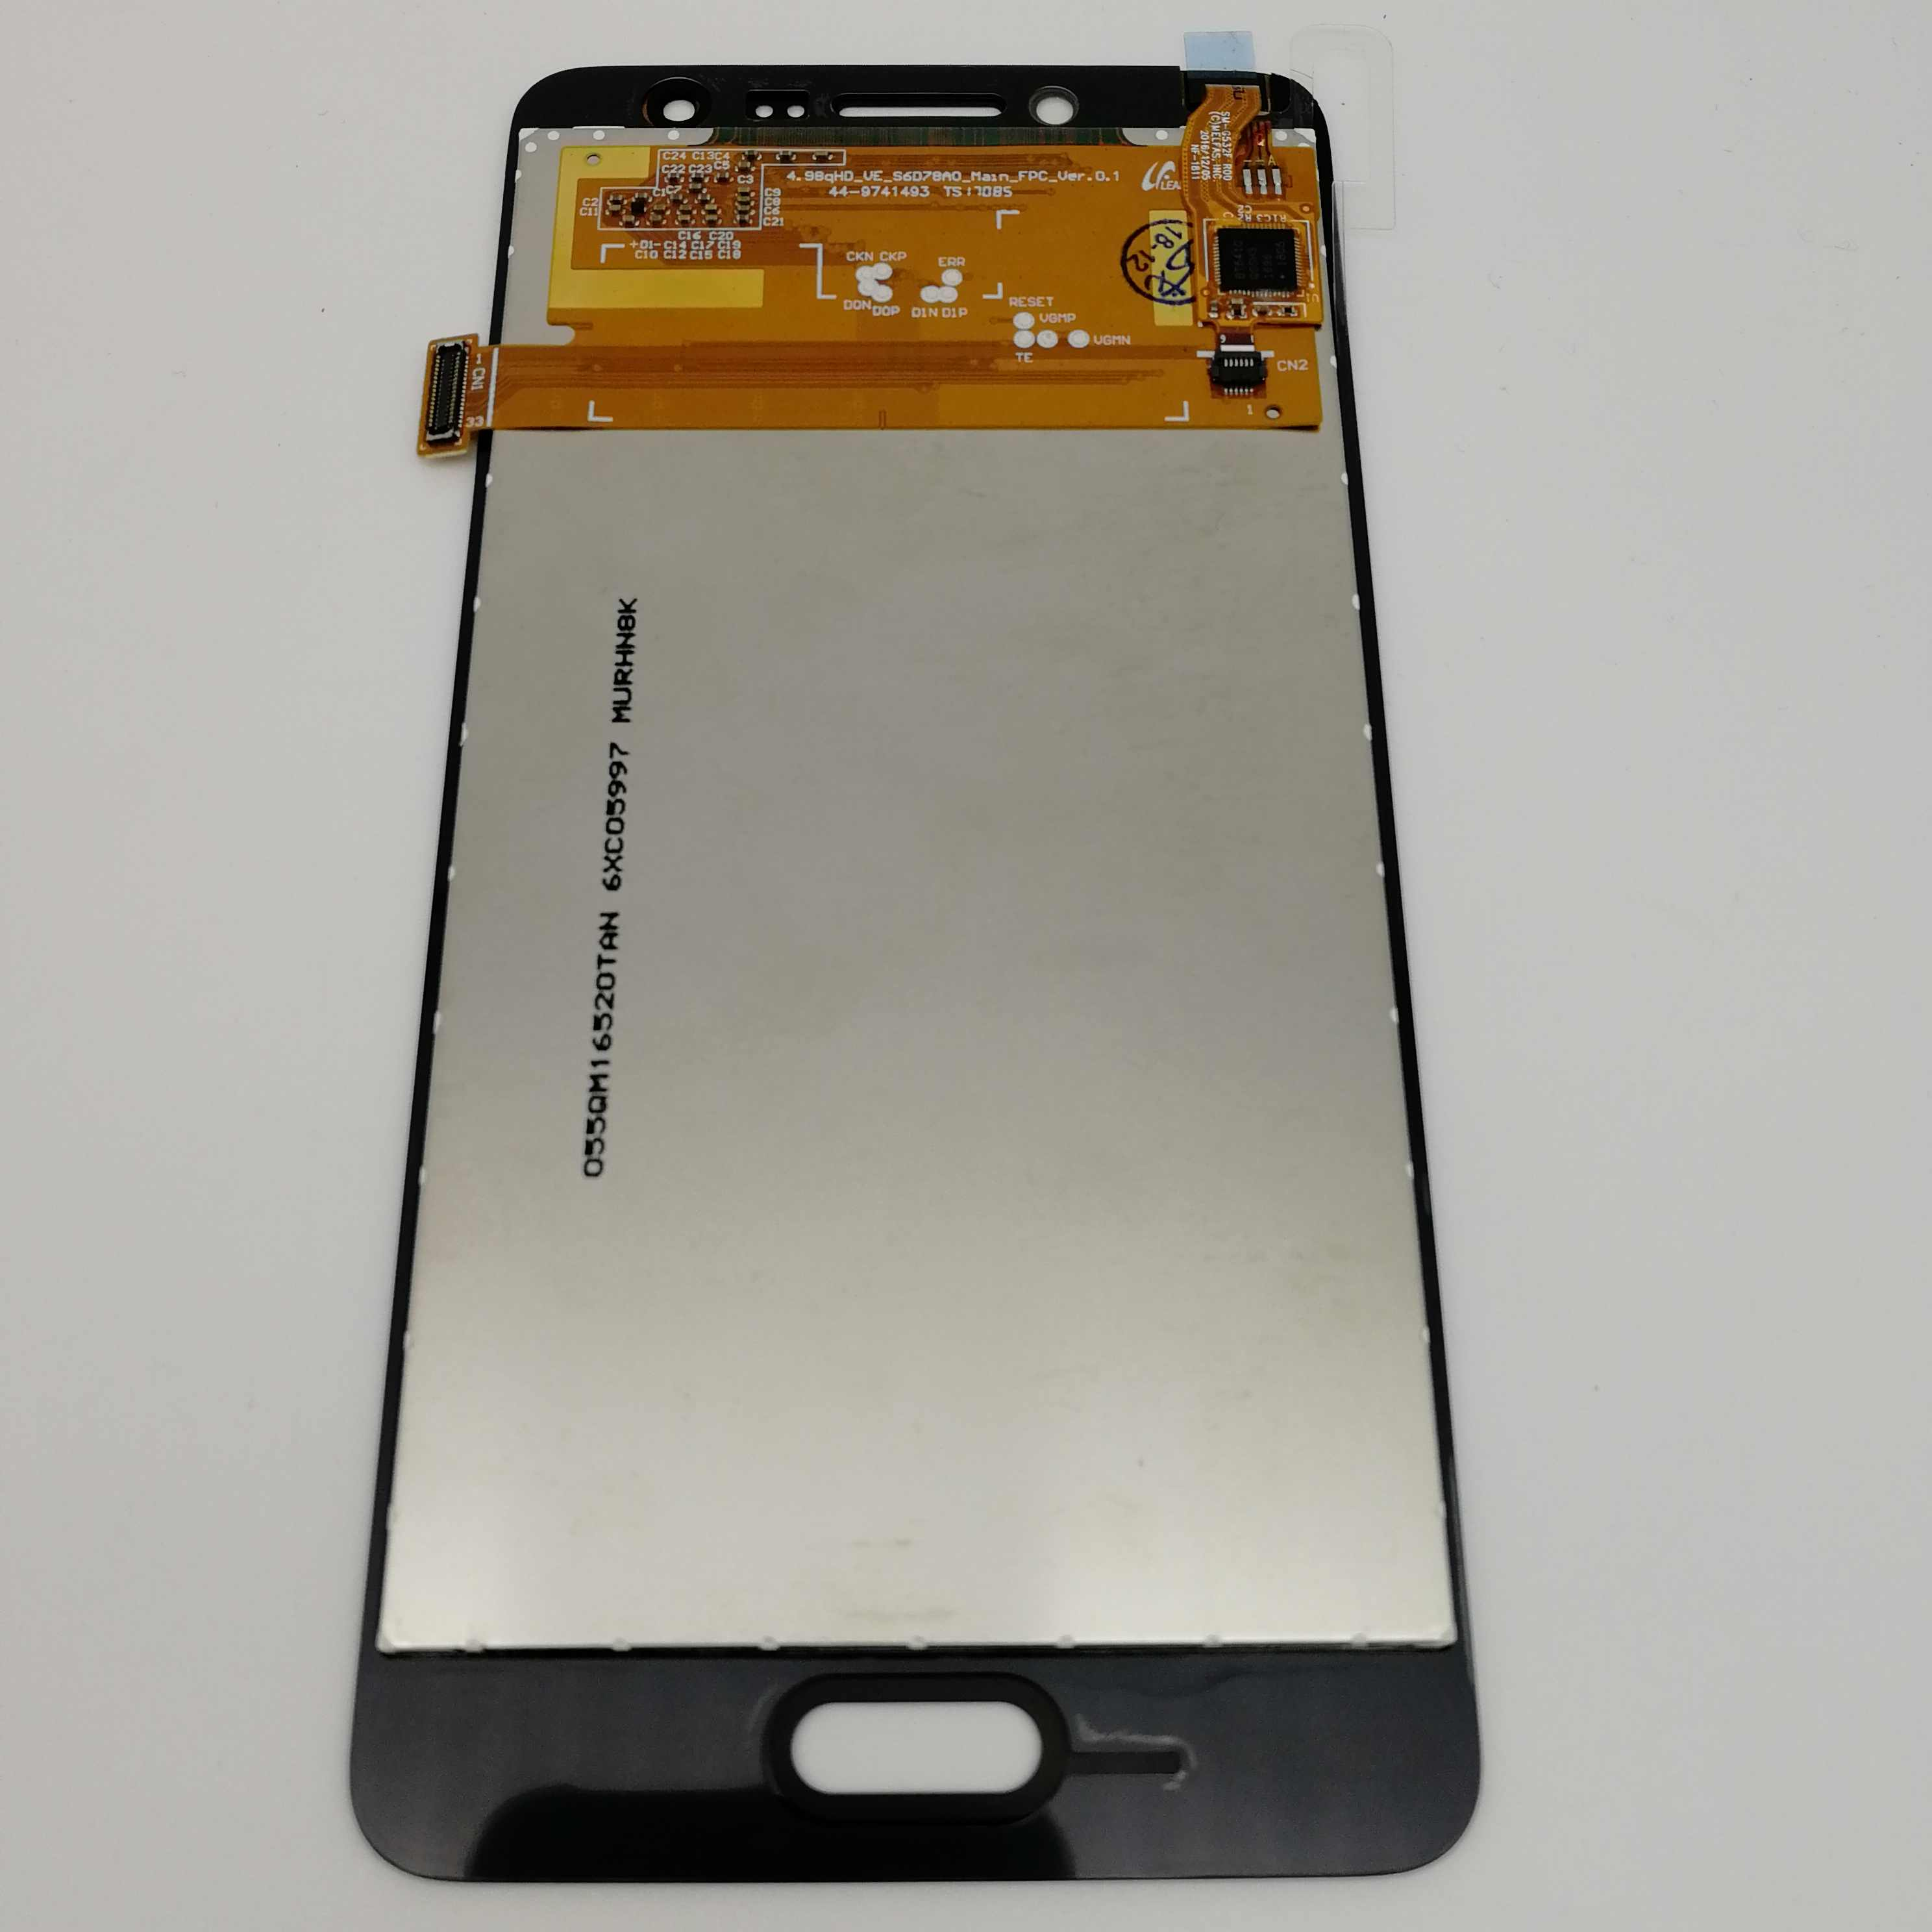 لسامسونج غالاكسي J2 رئيس شاشة الكريستال السائل مجموعة المحولات الرقمية لشاشة تعمل بلمس G532 g5f g5m استبدال LCD 100% اختبارها